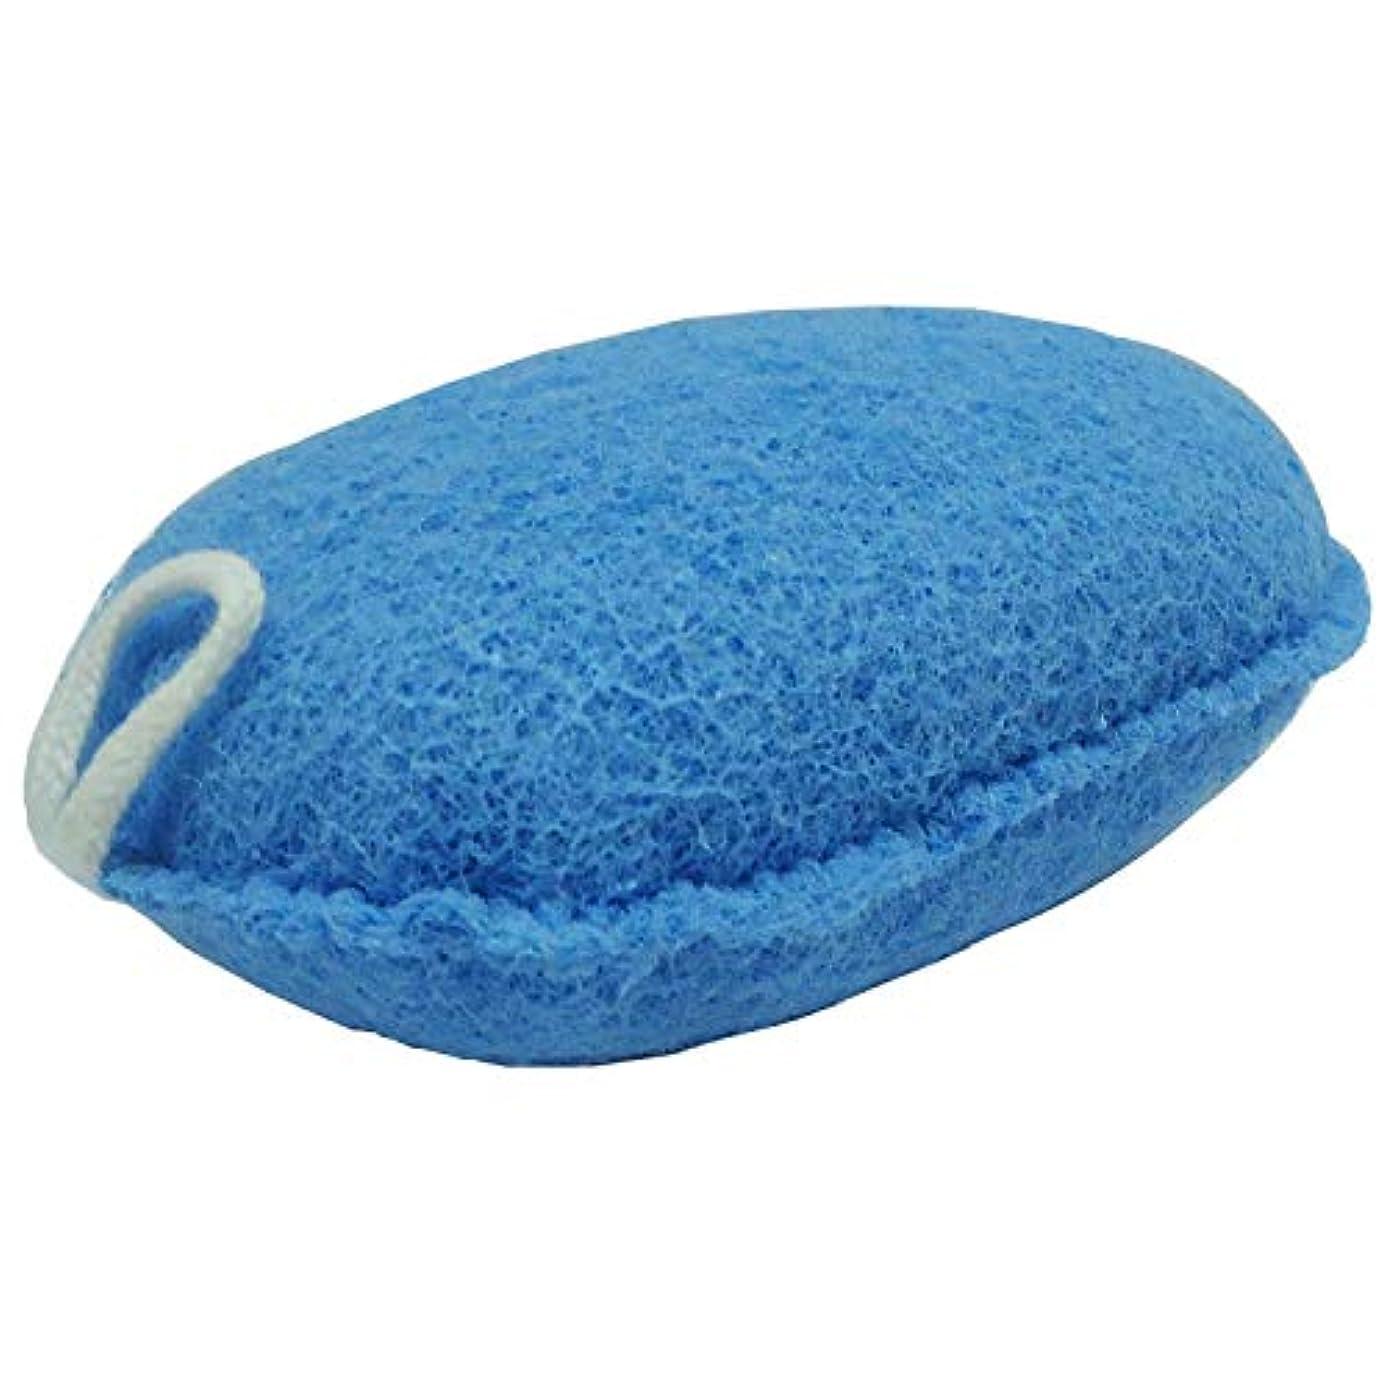 乳中に橋オーエ ボディスポンジ ブルー 約縦14.5×横9.5×奥行5cm nf ヘチマボール 体洗い 泡立ち